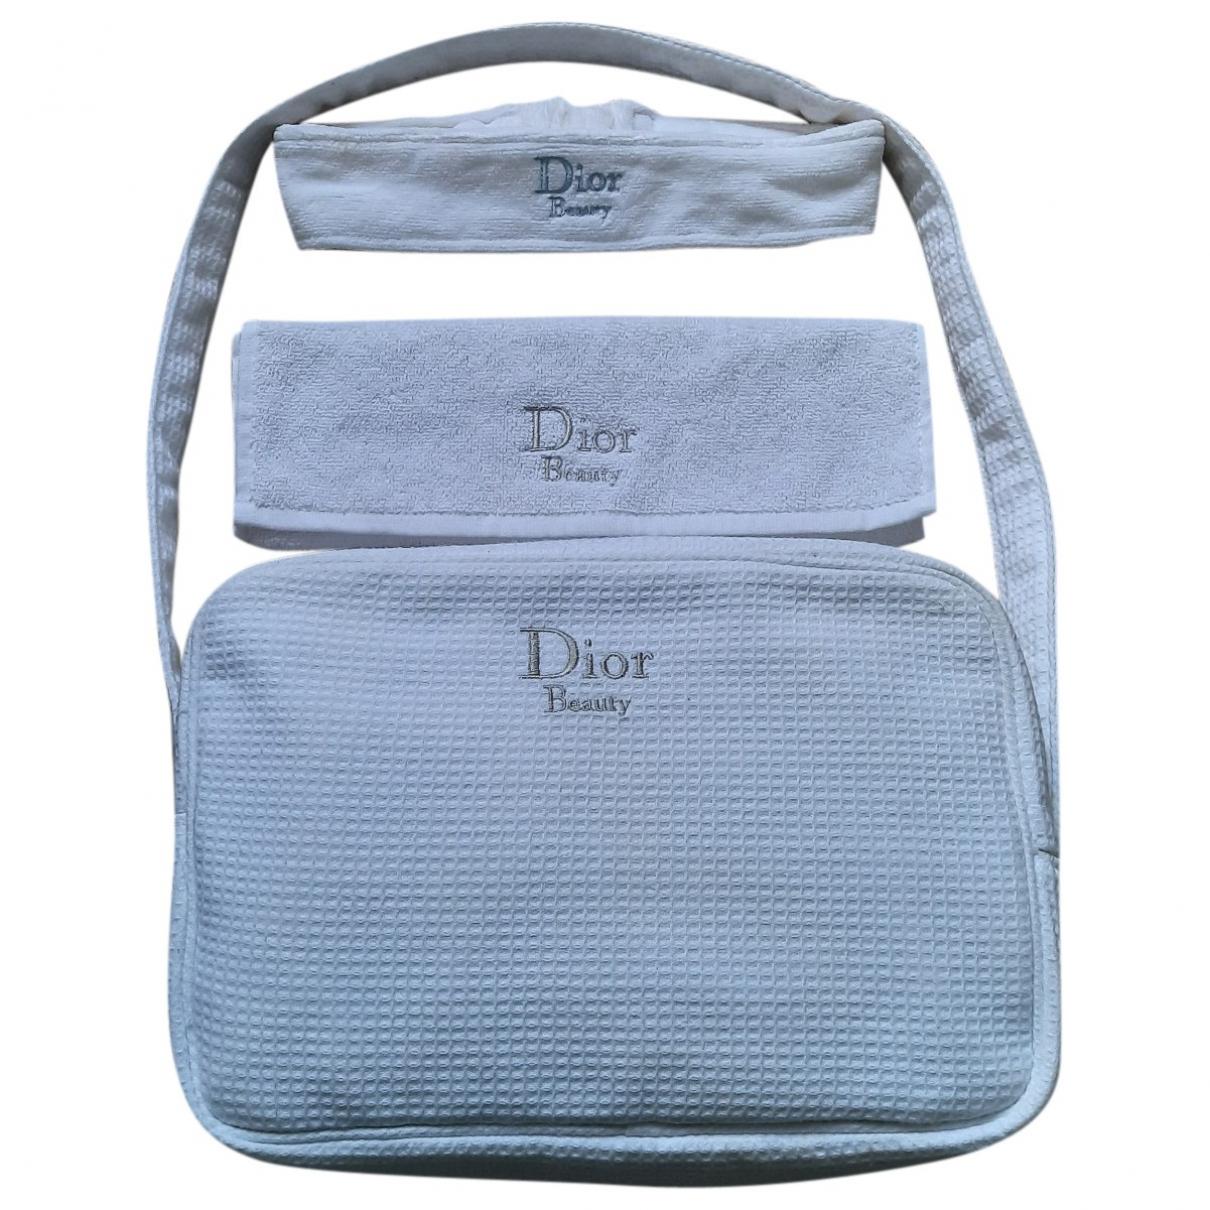 Dior - Sac de voyage   pour femme en coton - blanc